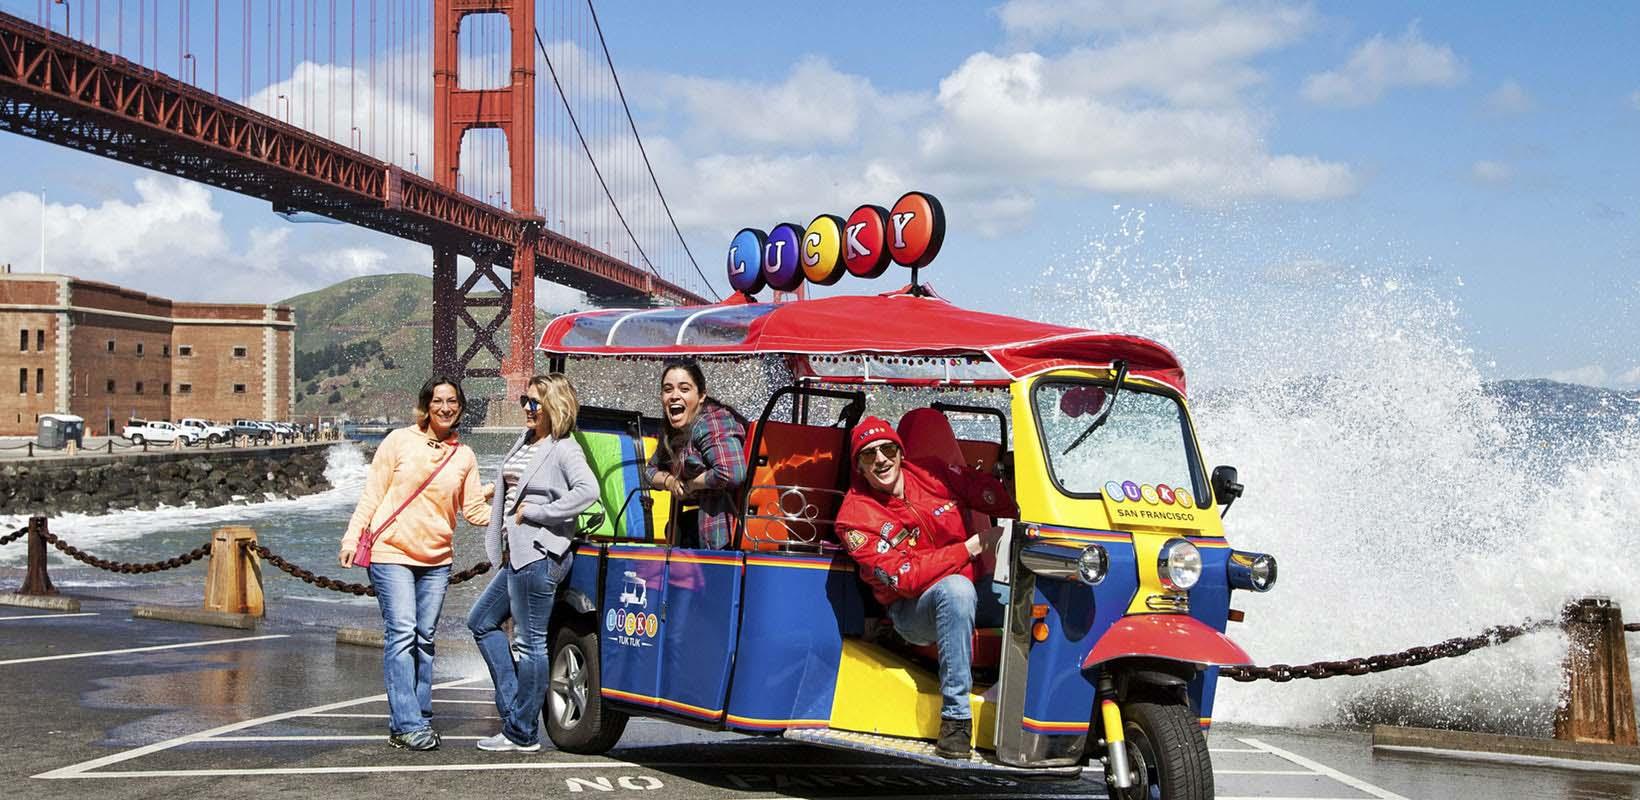 Tuk Tuk San Francisco City Tour